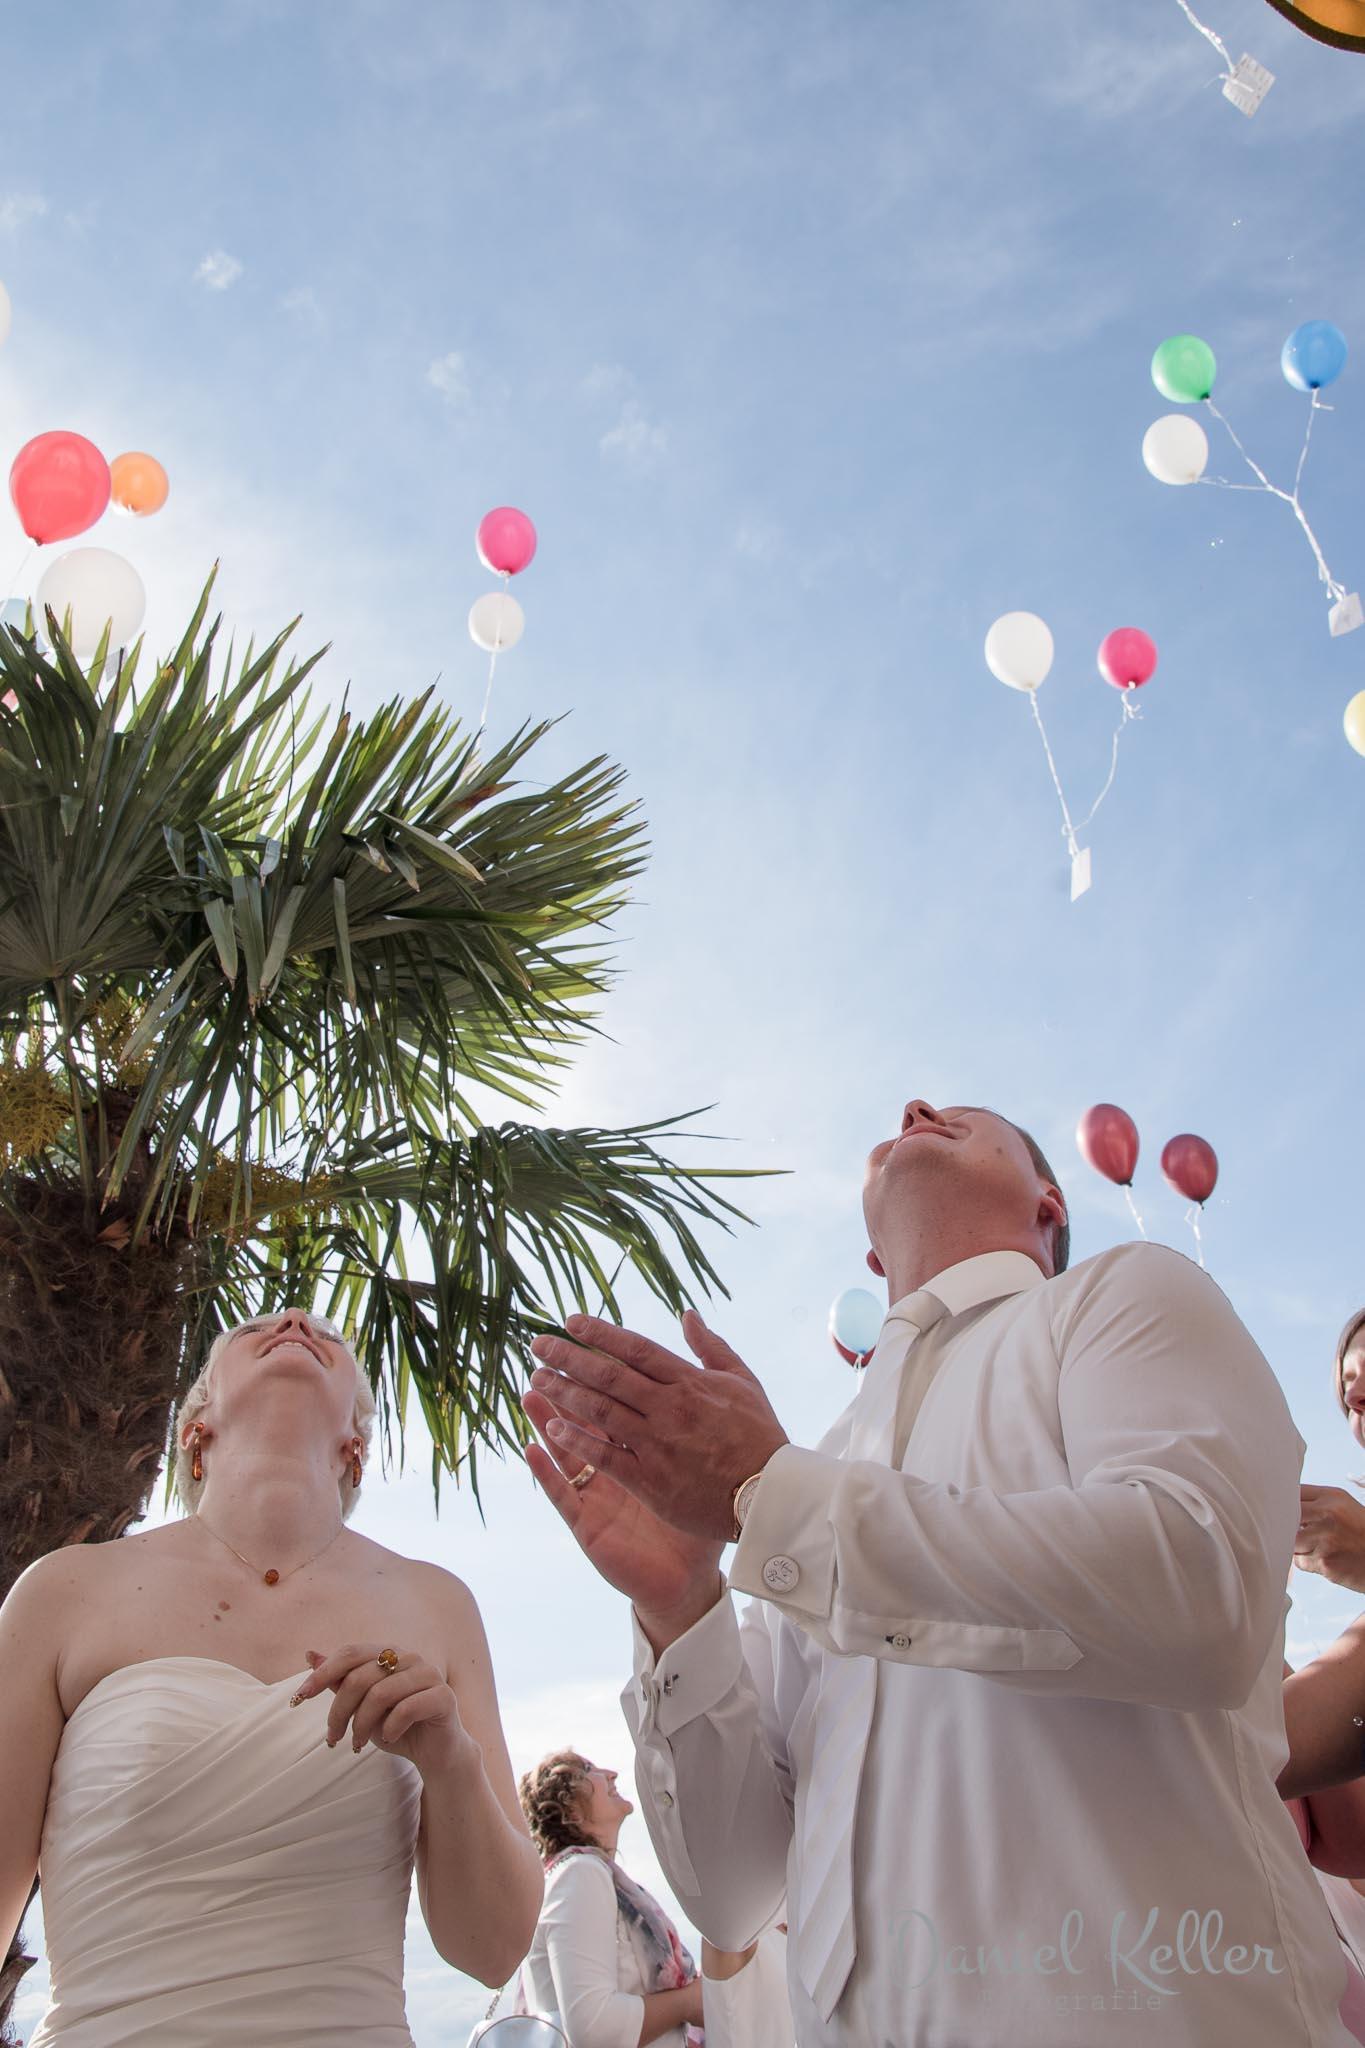 Hochzeit Luftballon Jägersteig Bühl / Daniel Keller Hochzeitsfotograf Bühl